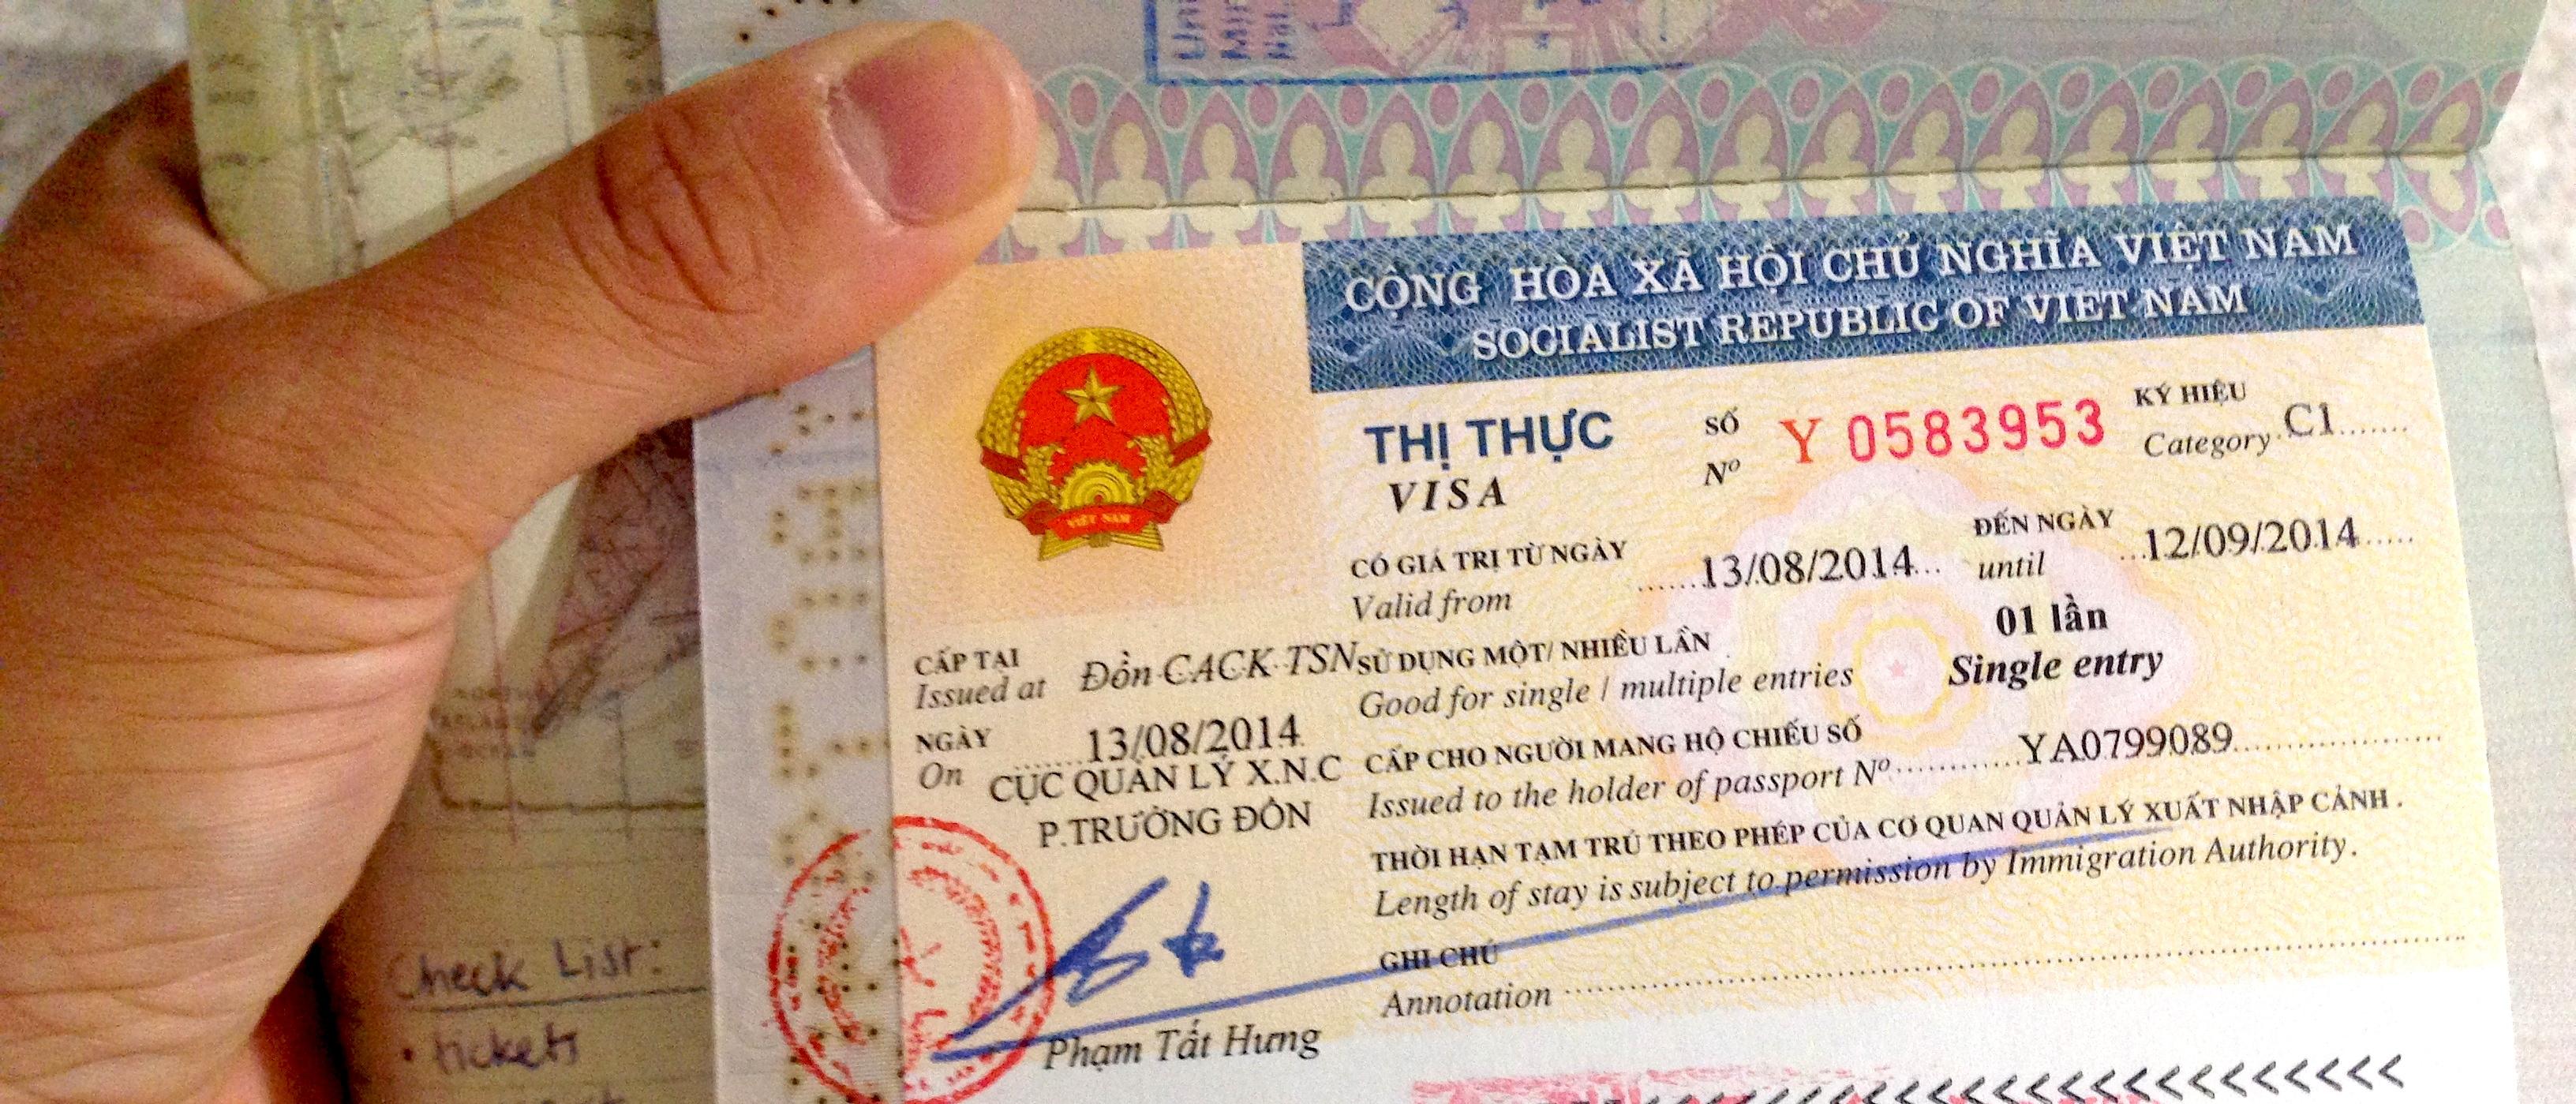 Visto Vietnam, visa on arrival